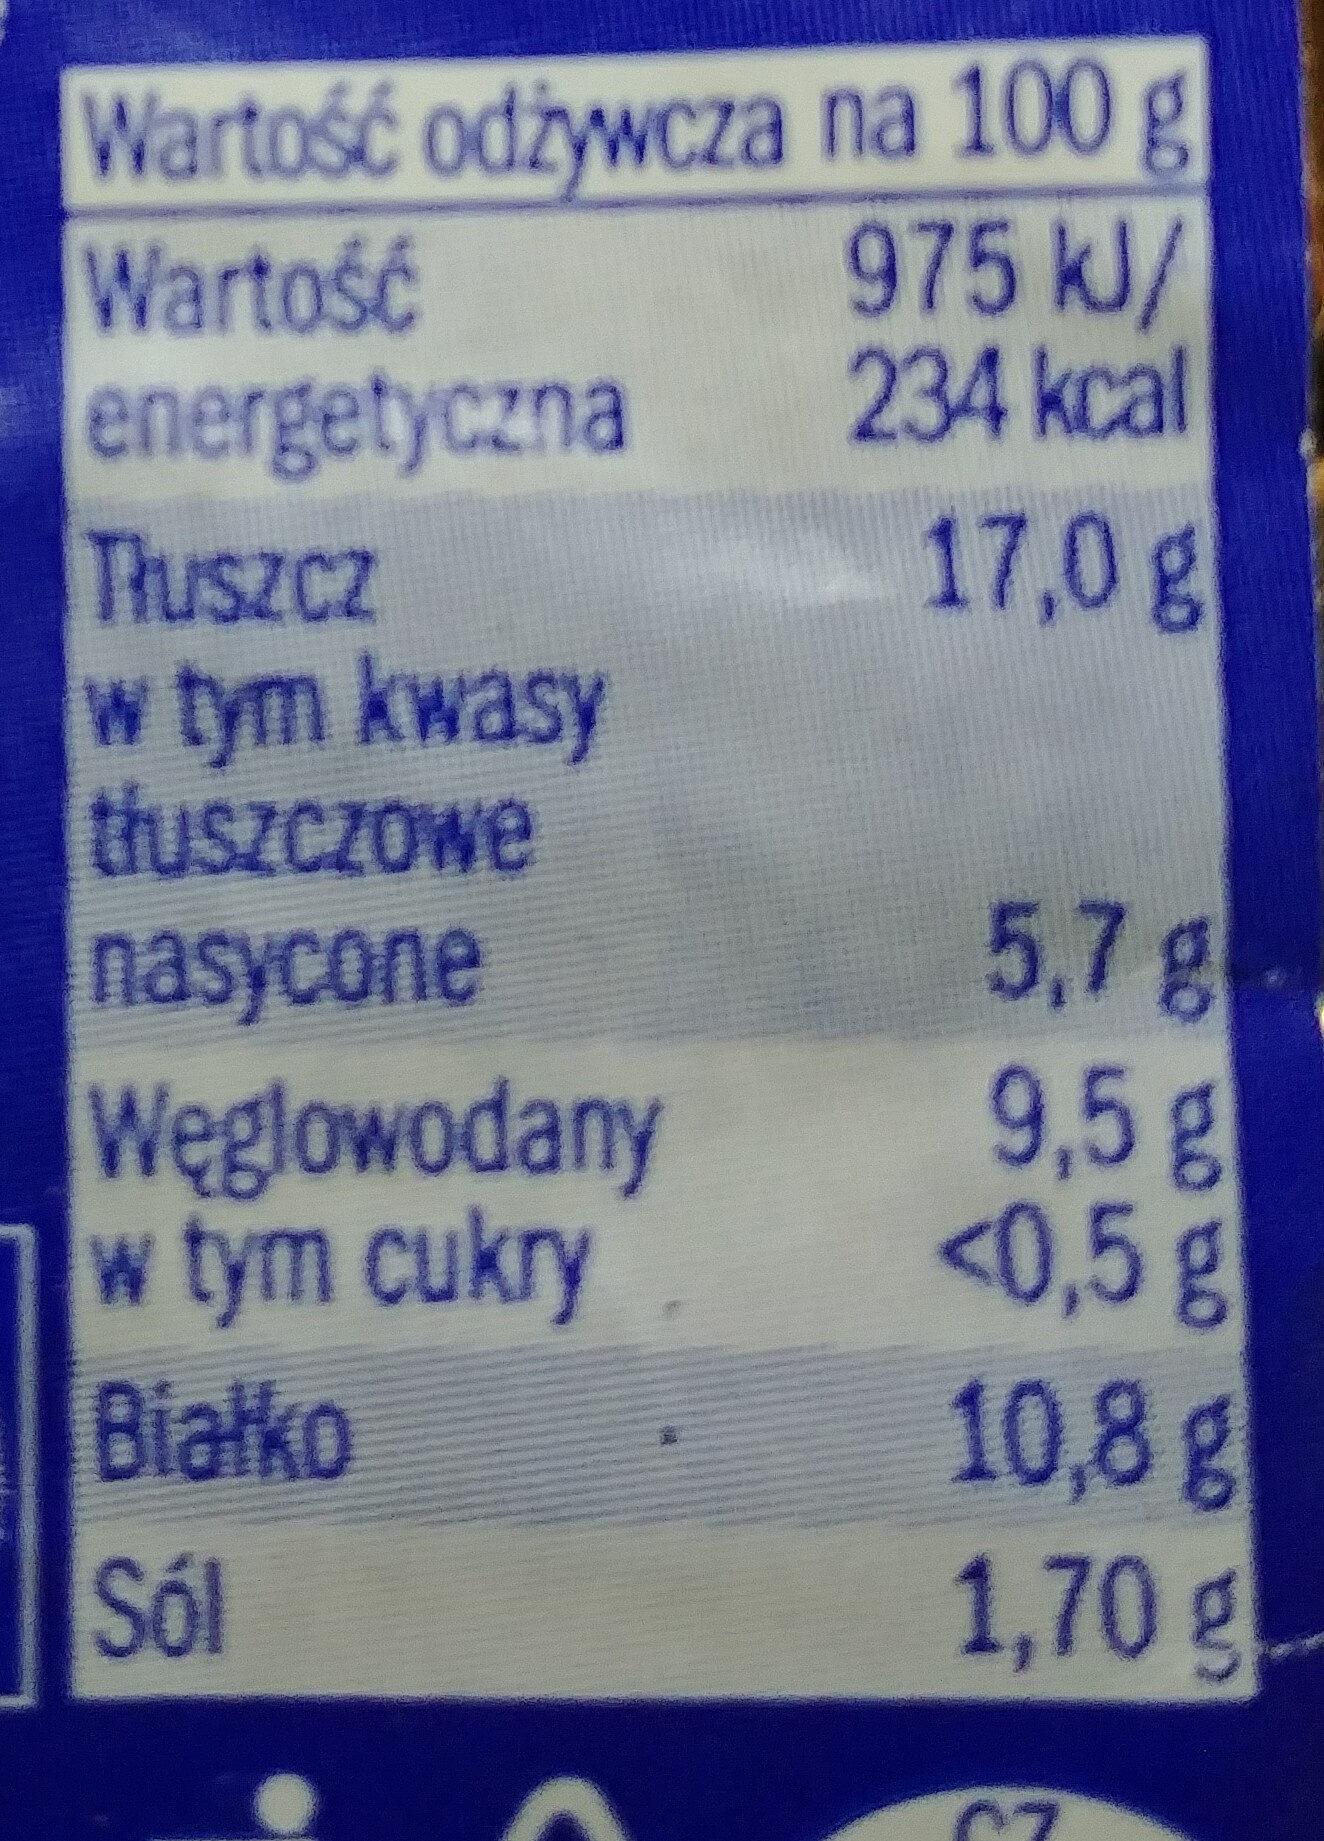 Pieczeń z mielonego mięsa wieprzowo - drobiowowego z kminkiem - Wartości odżywcze